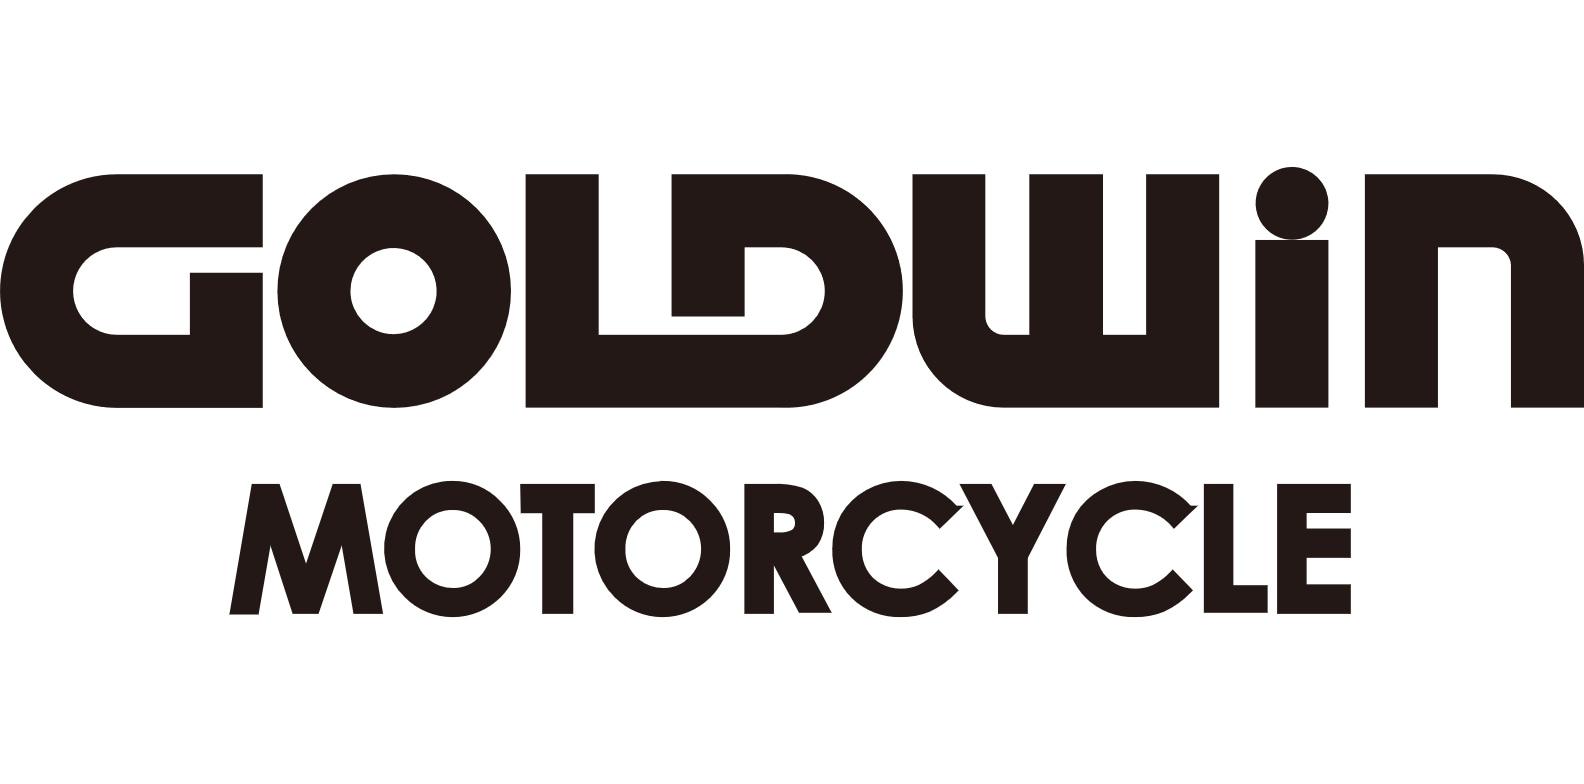 ゴールドウィンモーターサイクル